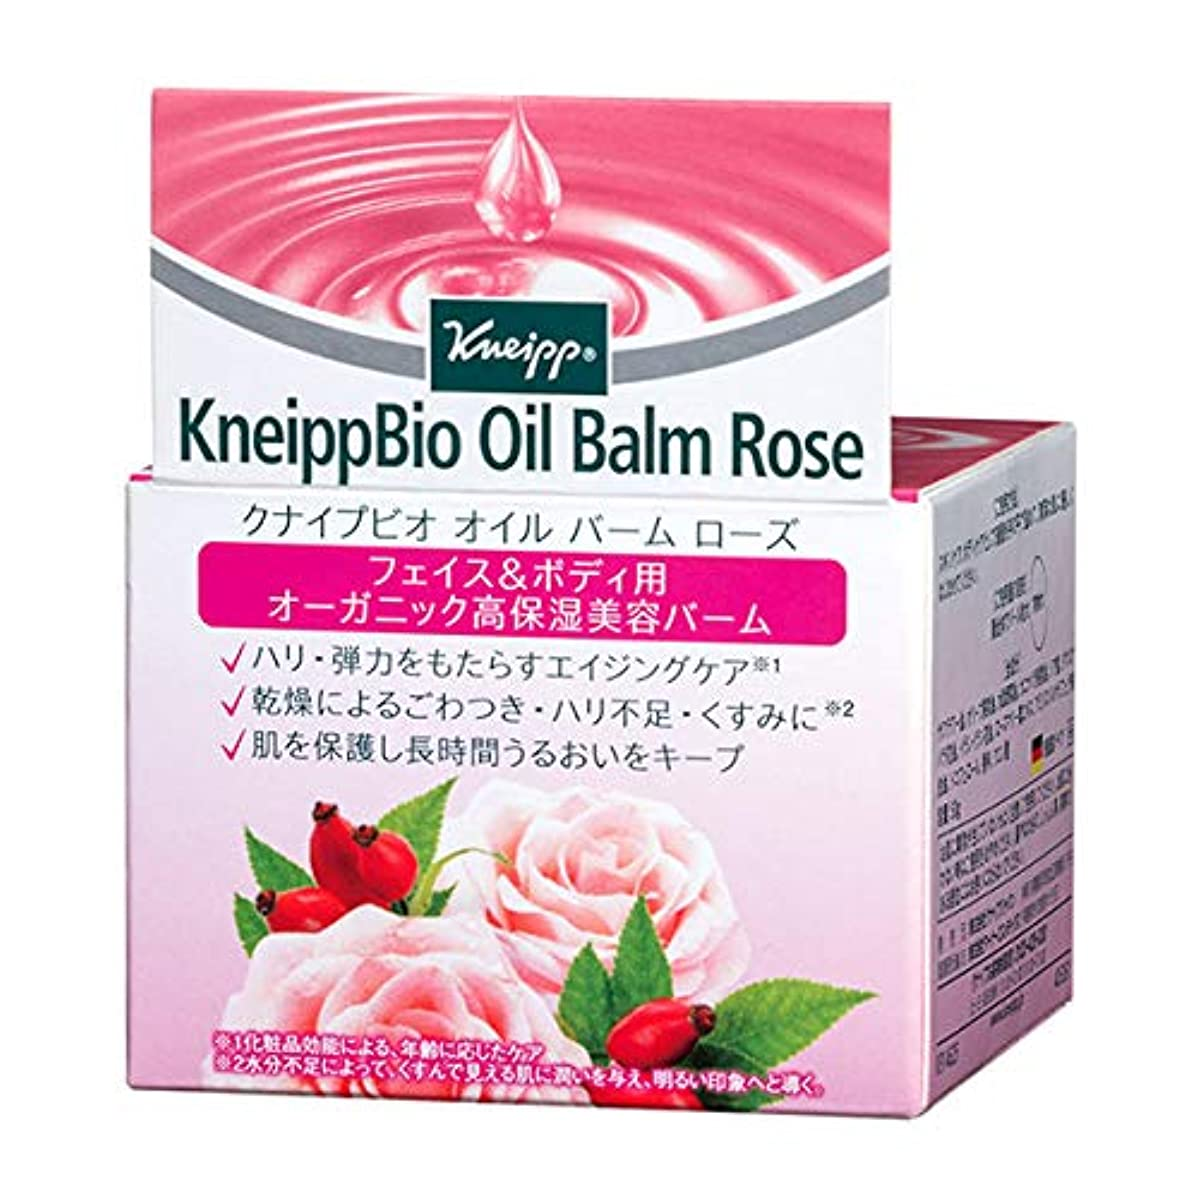 アレイさておきクラックポットクナイプ(Kneipp) クナイプビオ オイル バーム ローズ 50g 美容液